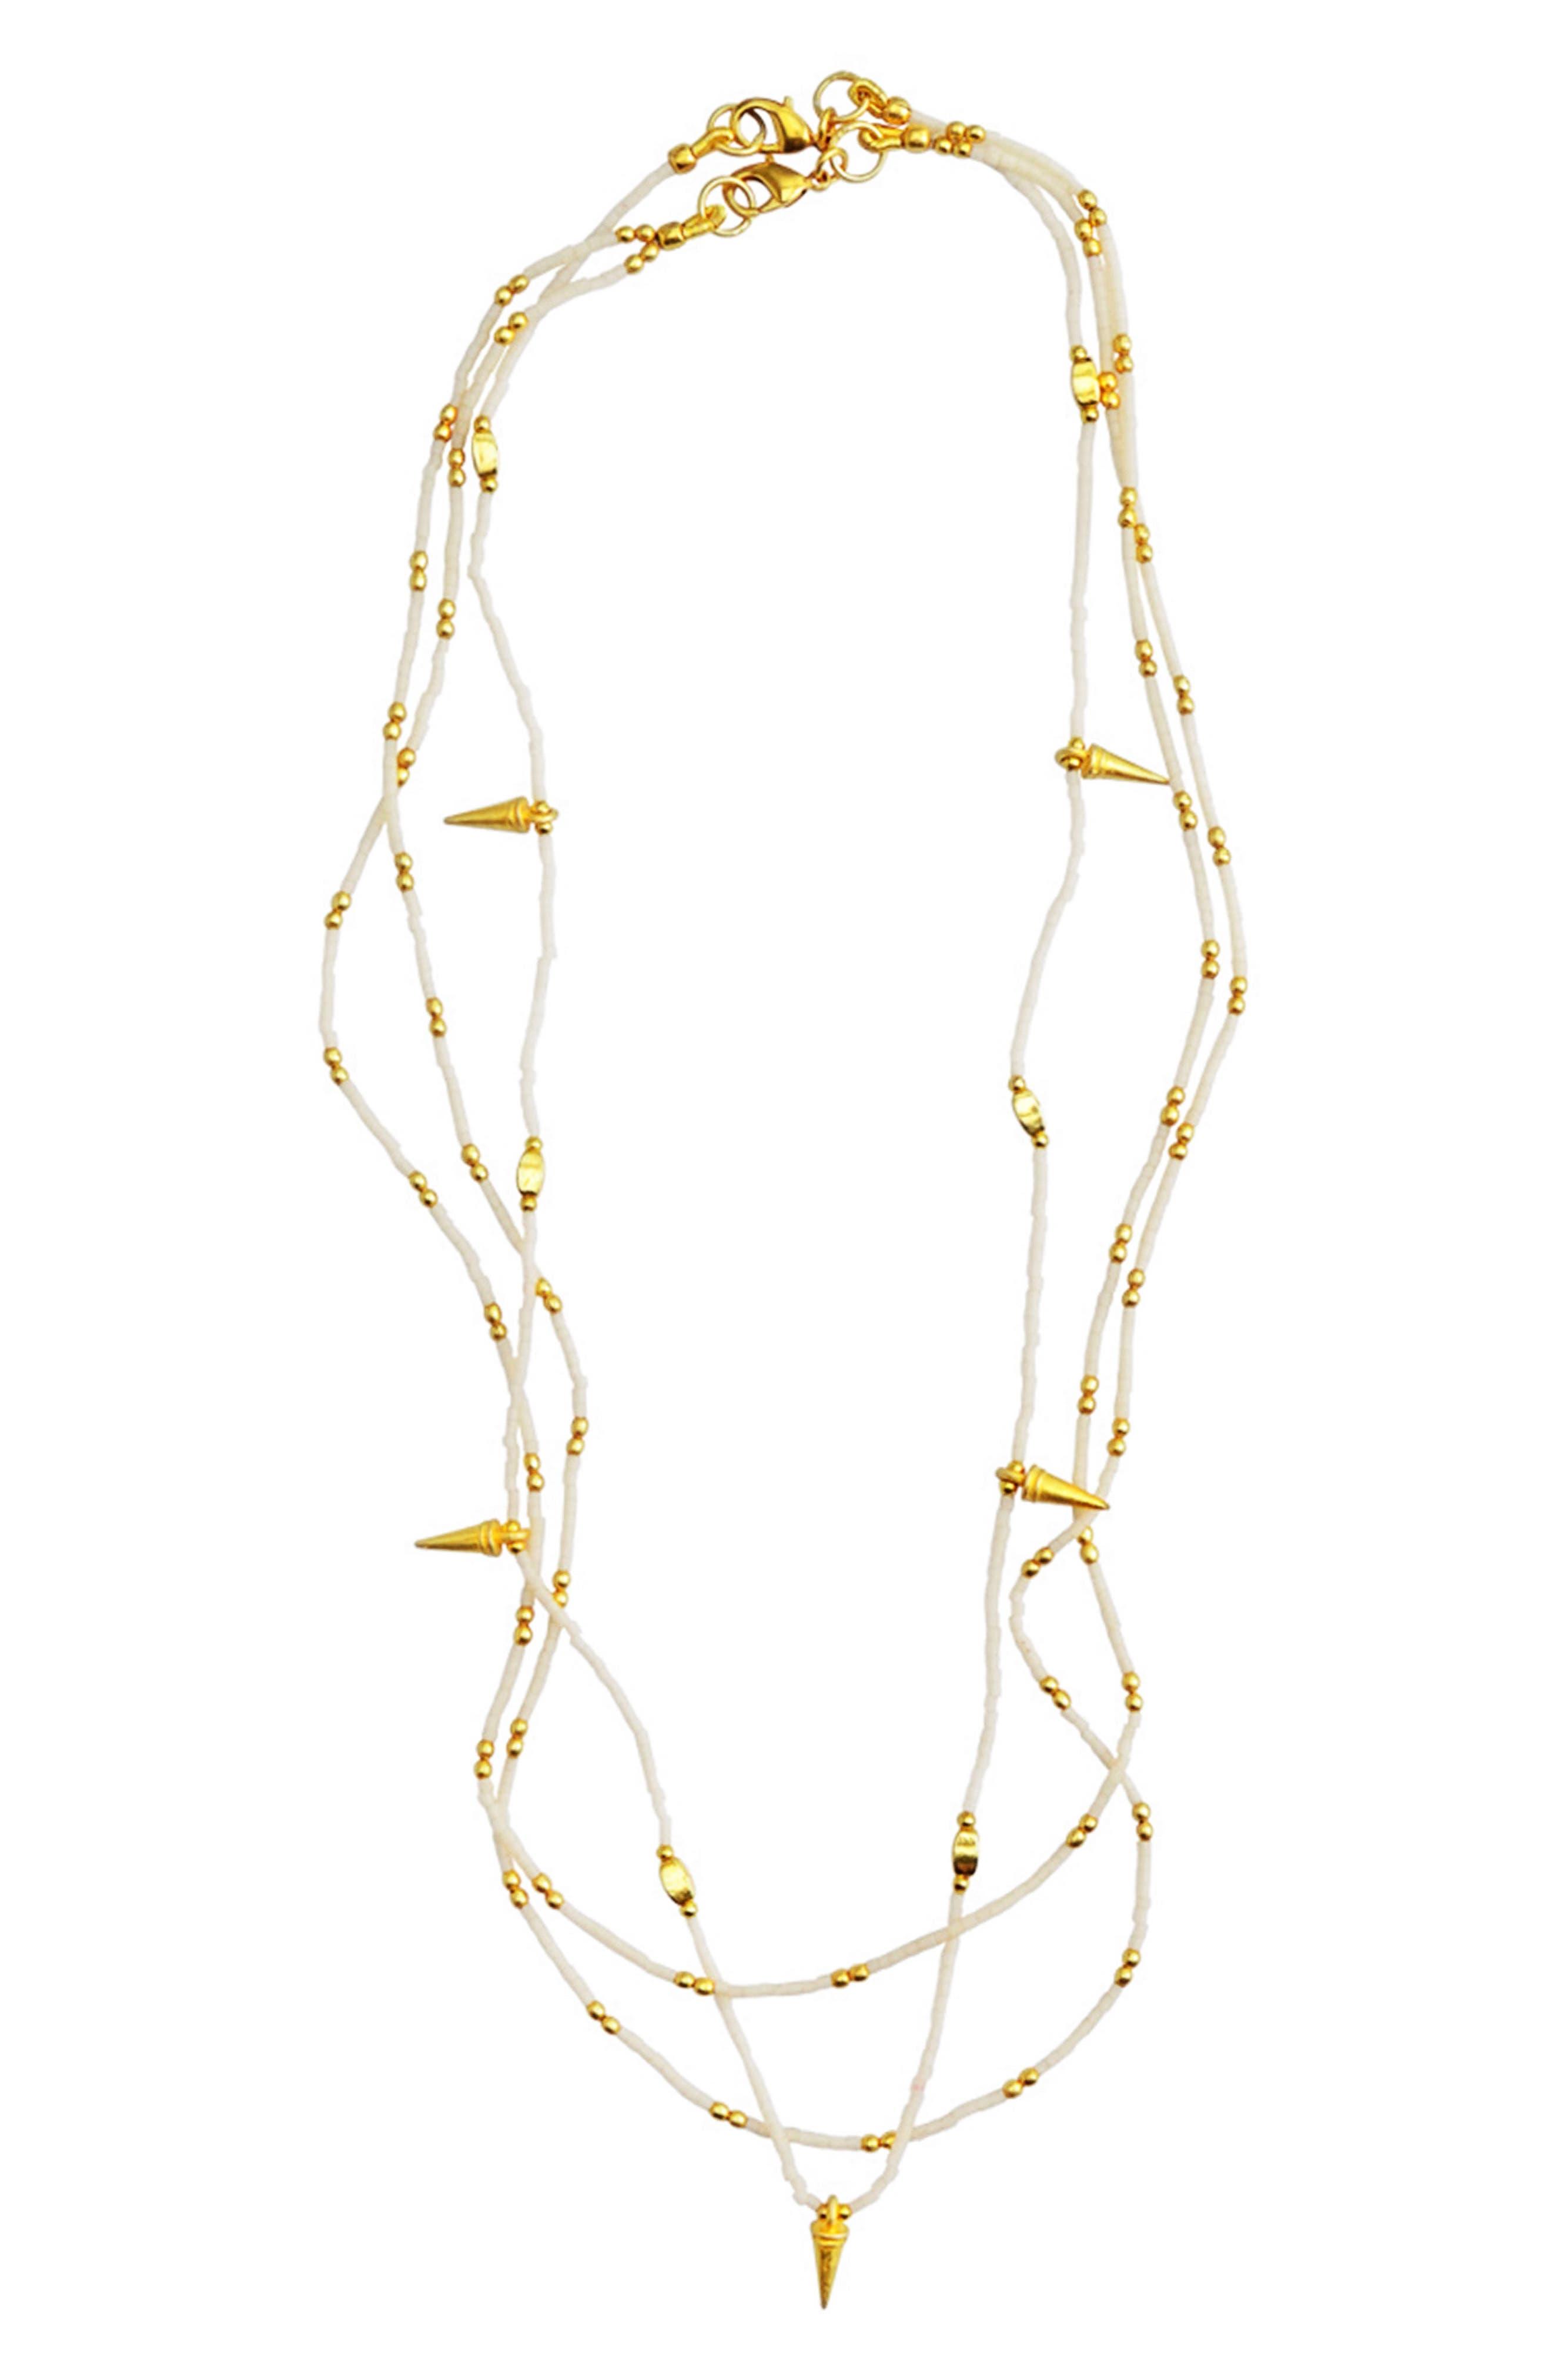 Fleur Set of 2 Necklaces,                             Main thumbnail 1, color,                             White